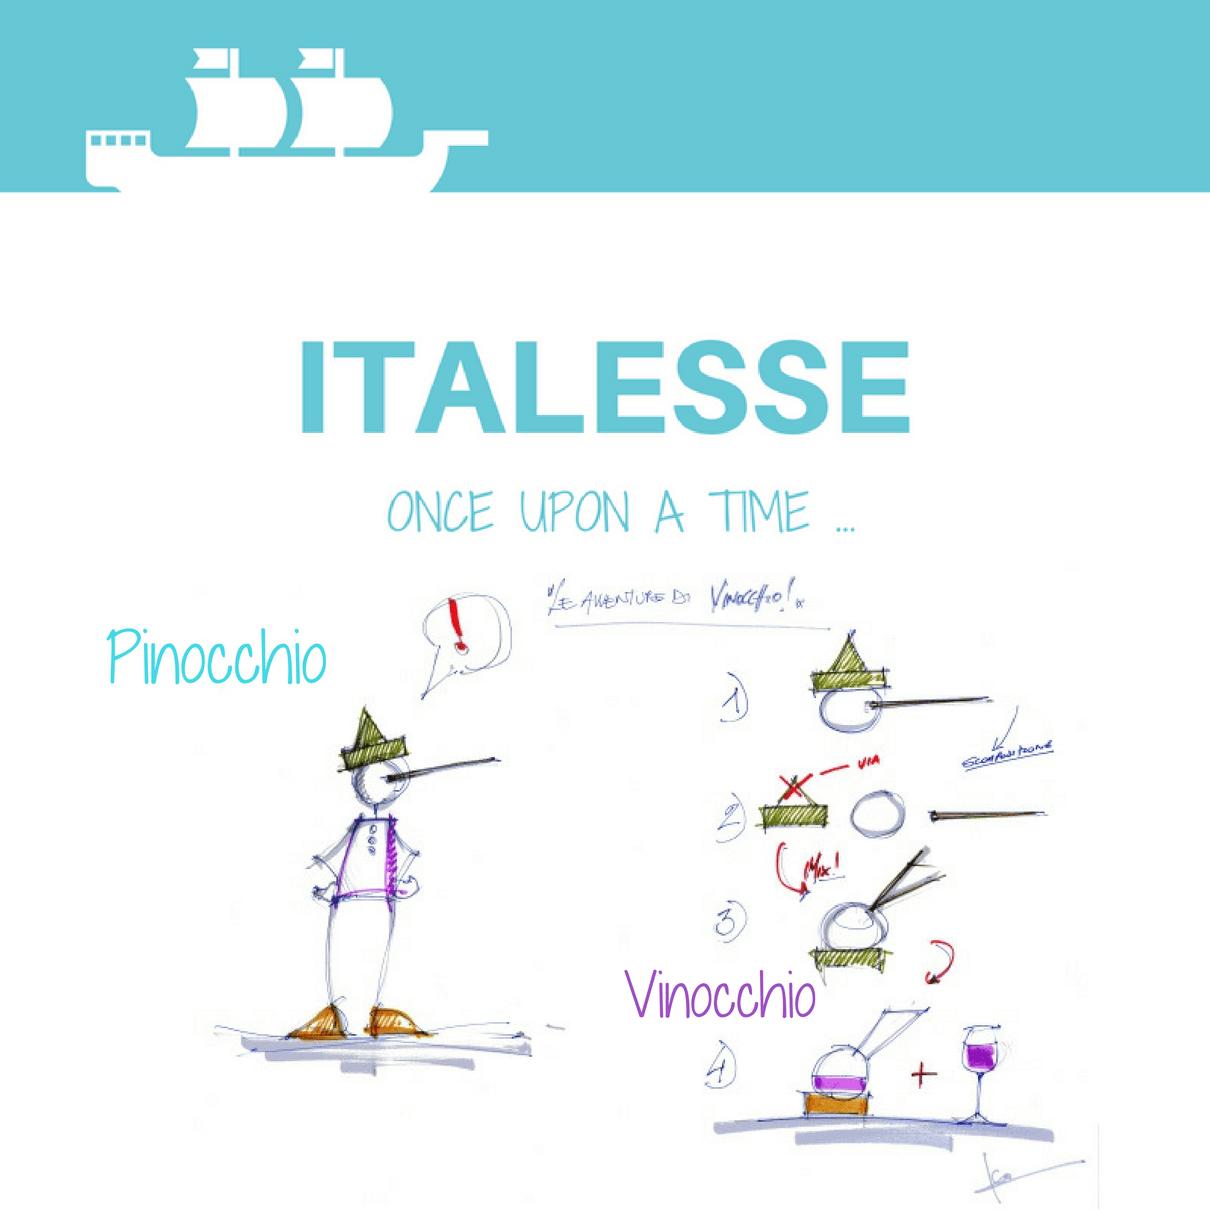 La storia di Italesse